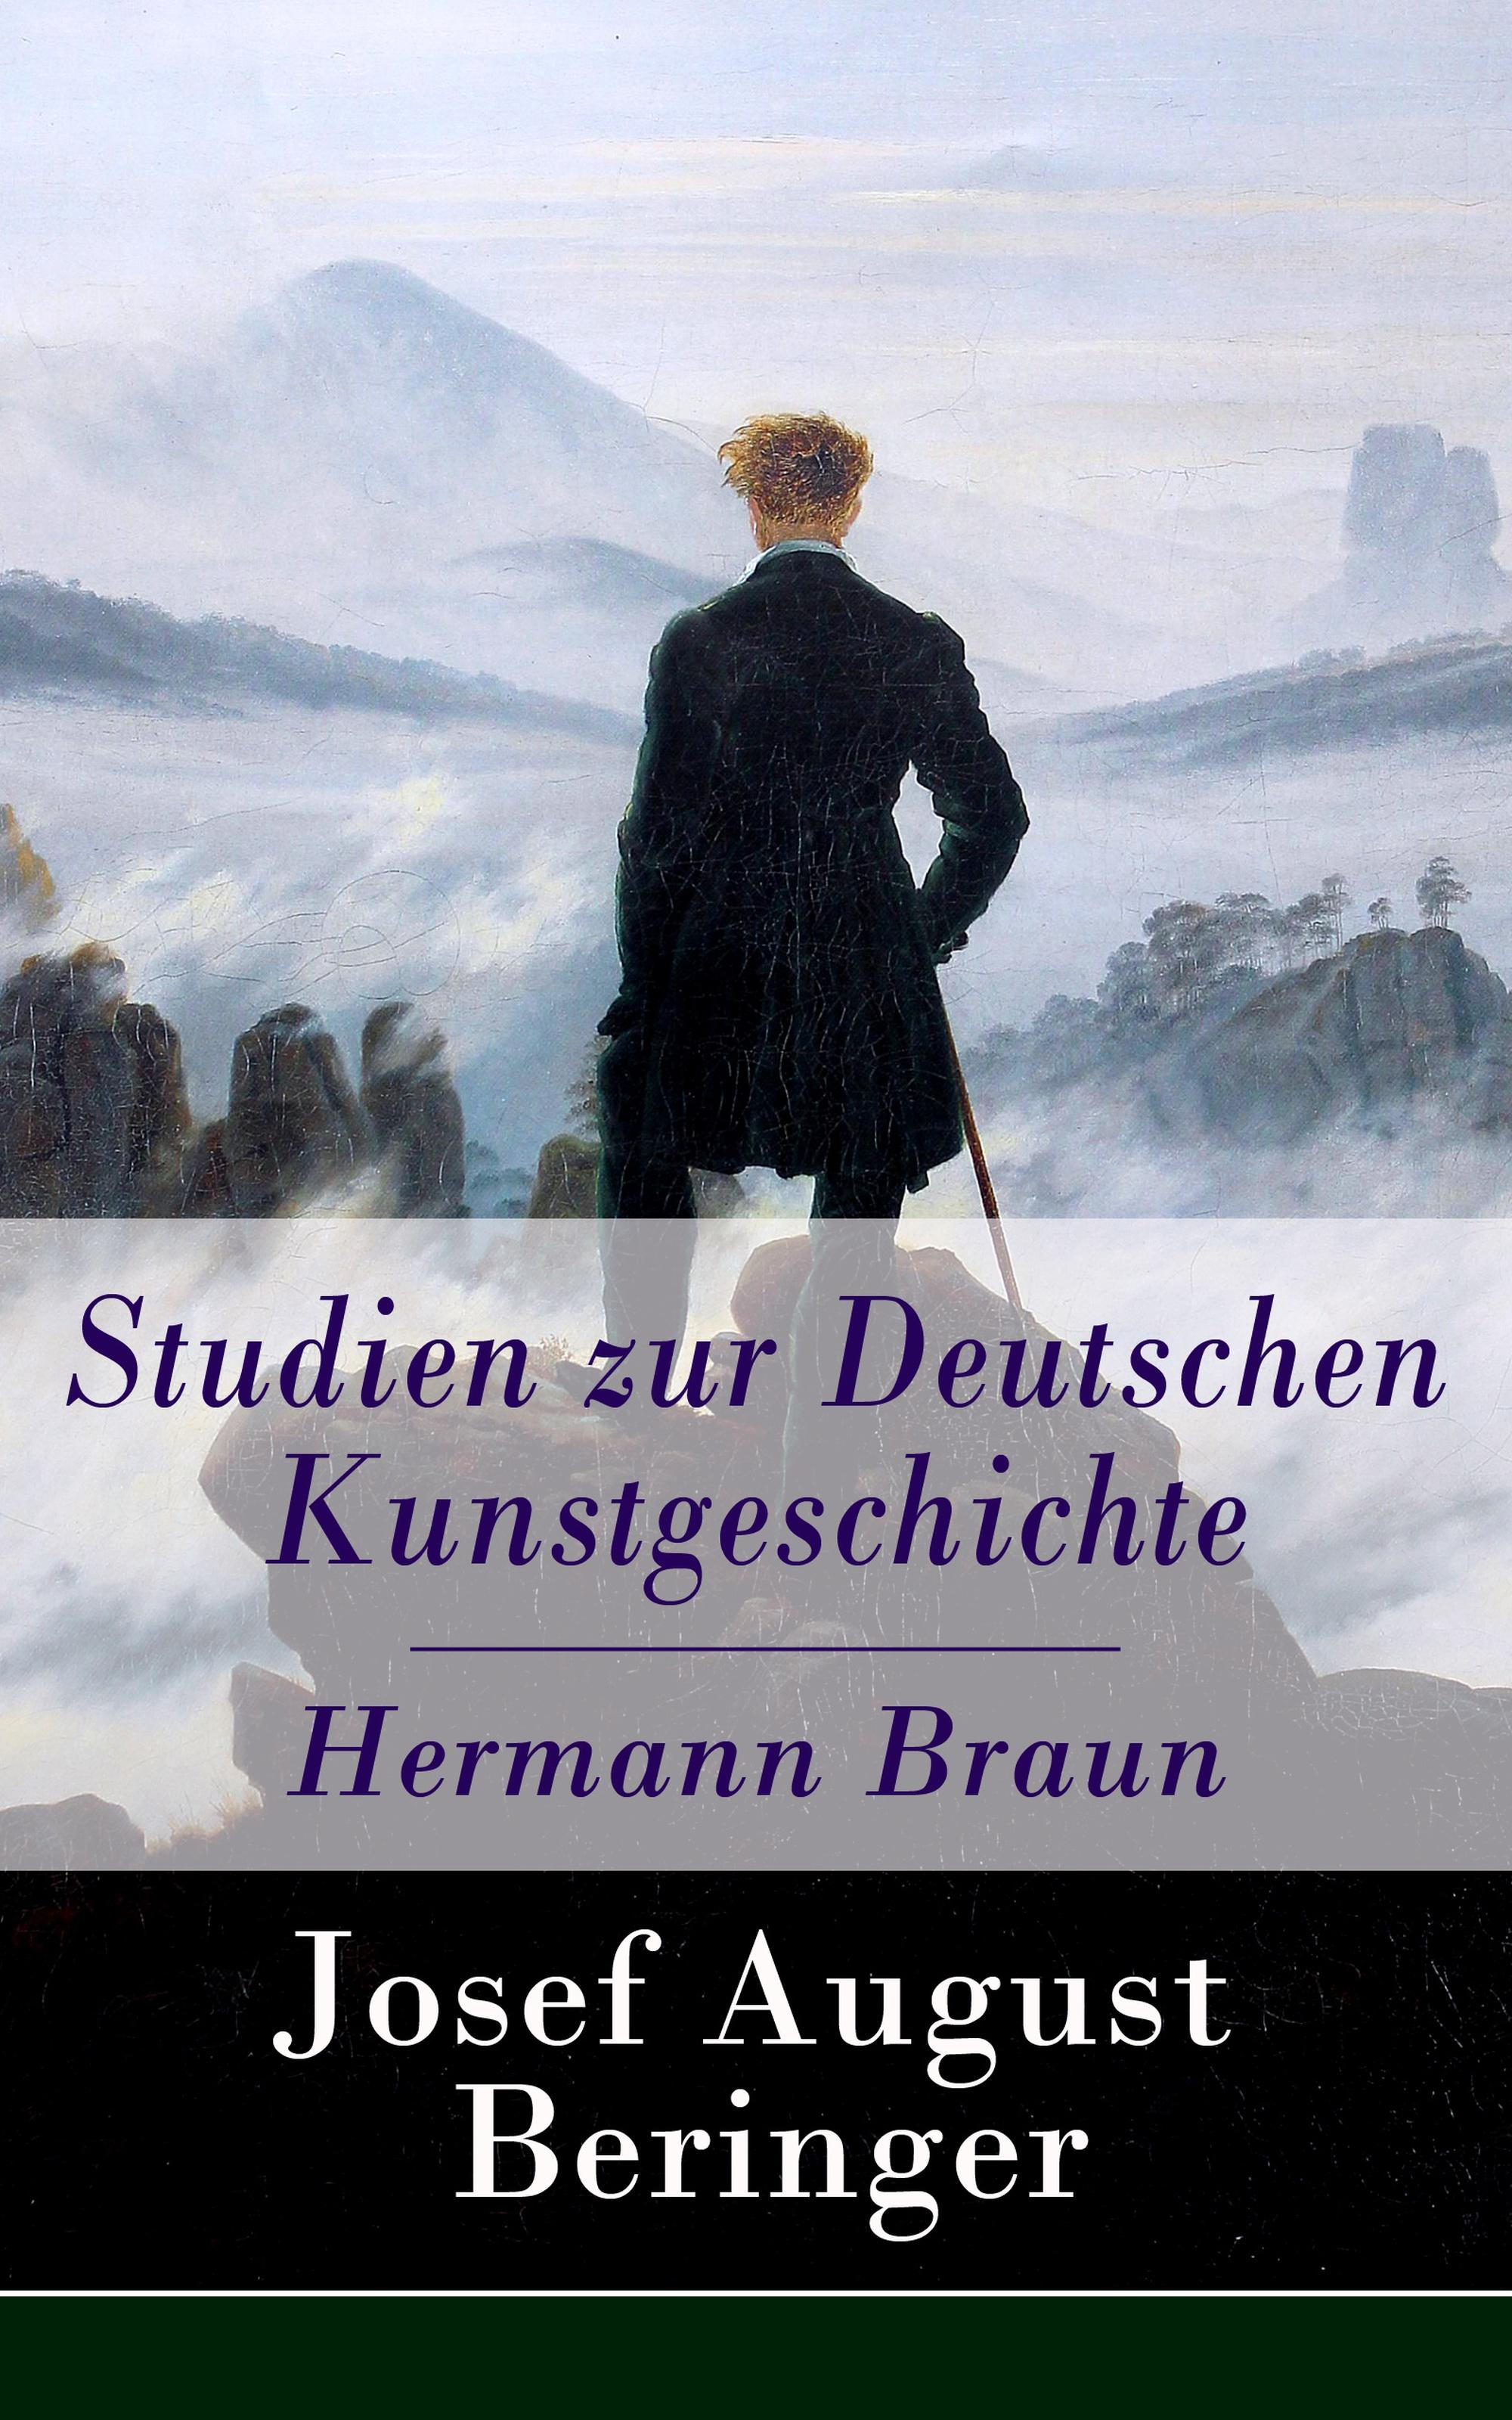 Studien zur Deutschen Kunstgeschichte - Hermann Braun